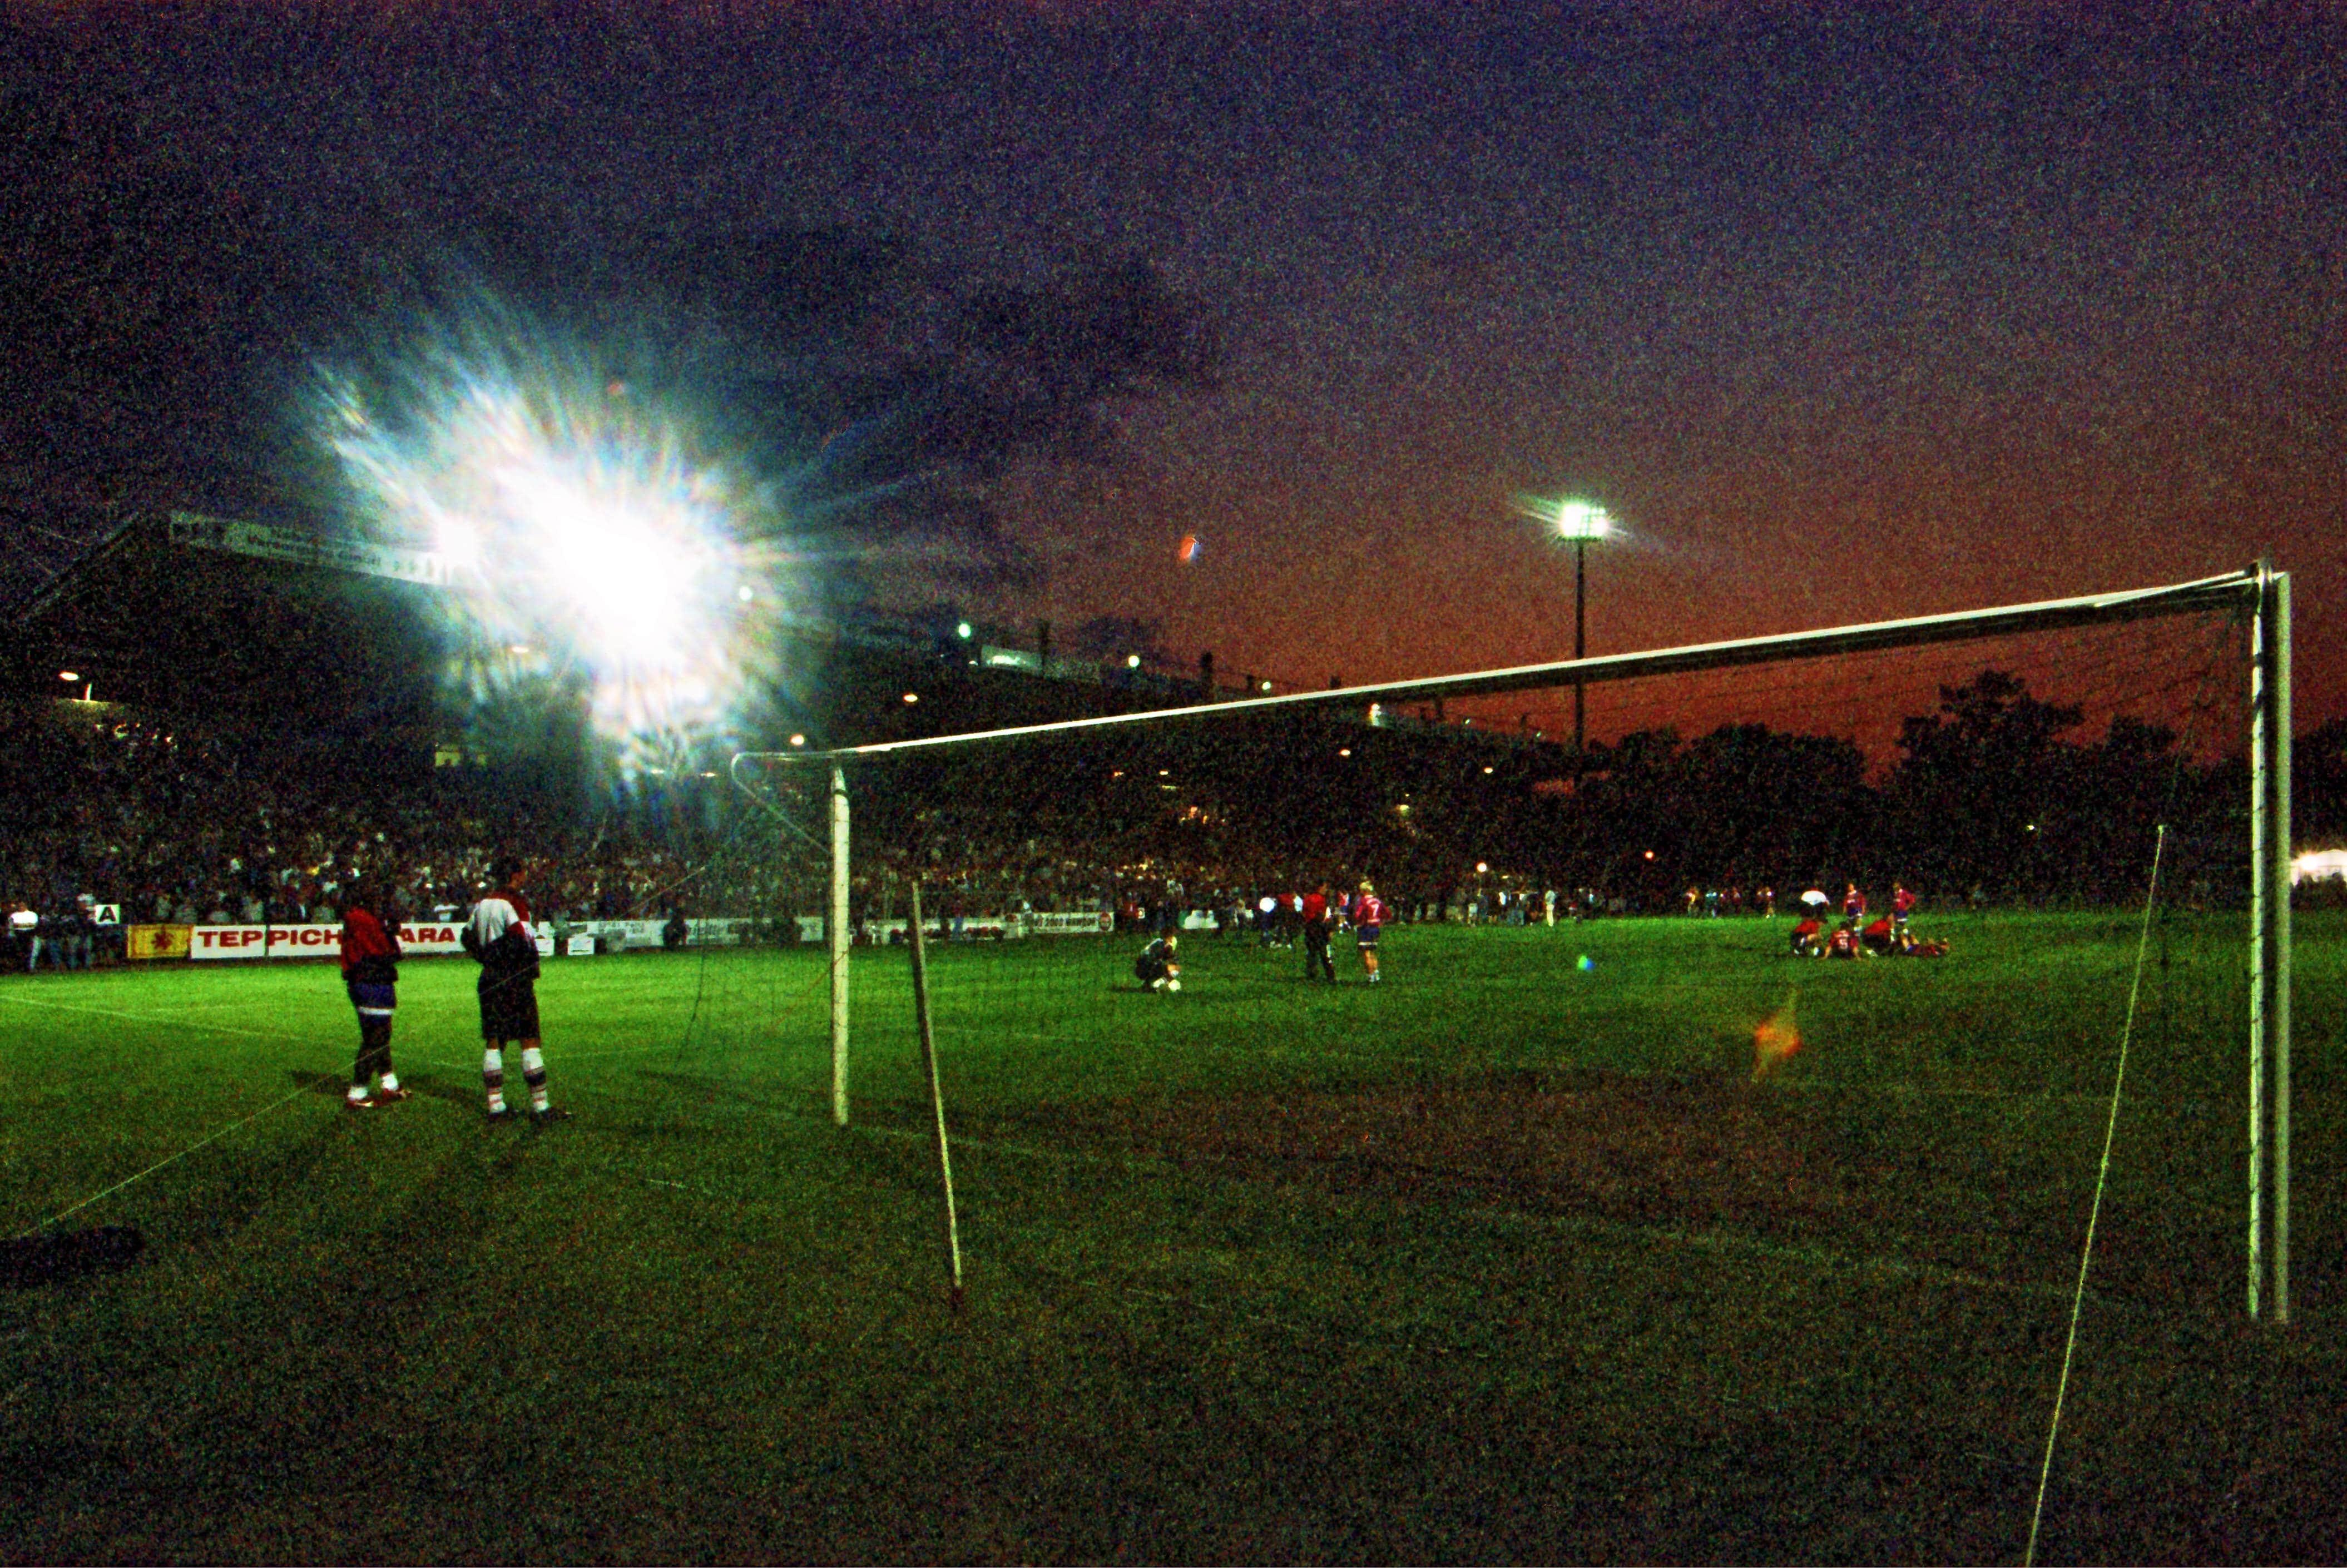 Aus 2 Relegationsspiel Saison 1996 07 Aufstieg zur 2 BL FC Energie Cottbus Hannover 96 3 1 am 0